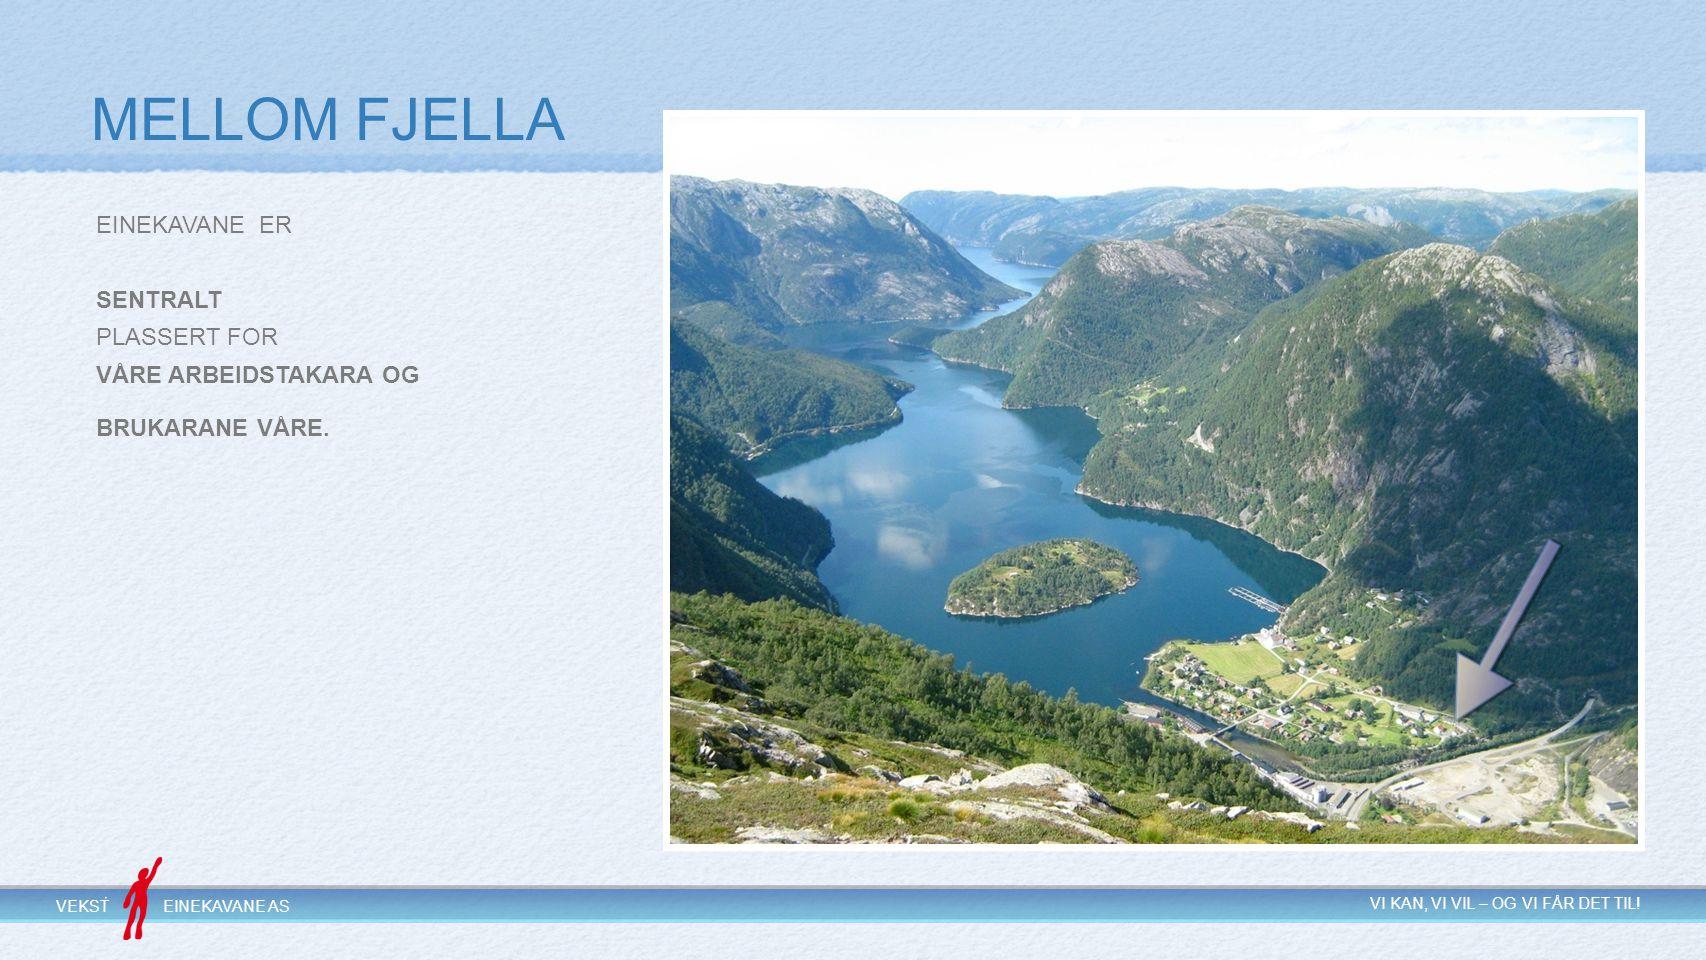 MELLOM FJELLA EINEKAVANE ER SENTRALT PLASSERT FOR VÅRE ARBEIDSTAKARA OG. BRUKARANE VÅRE.